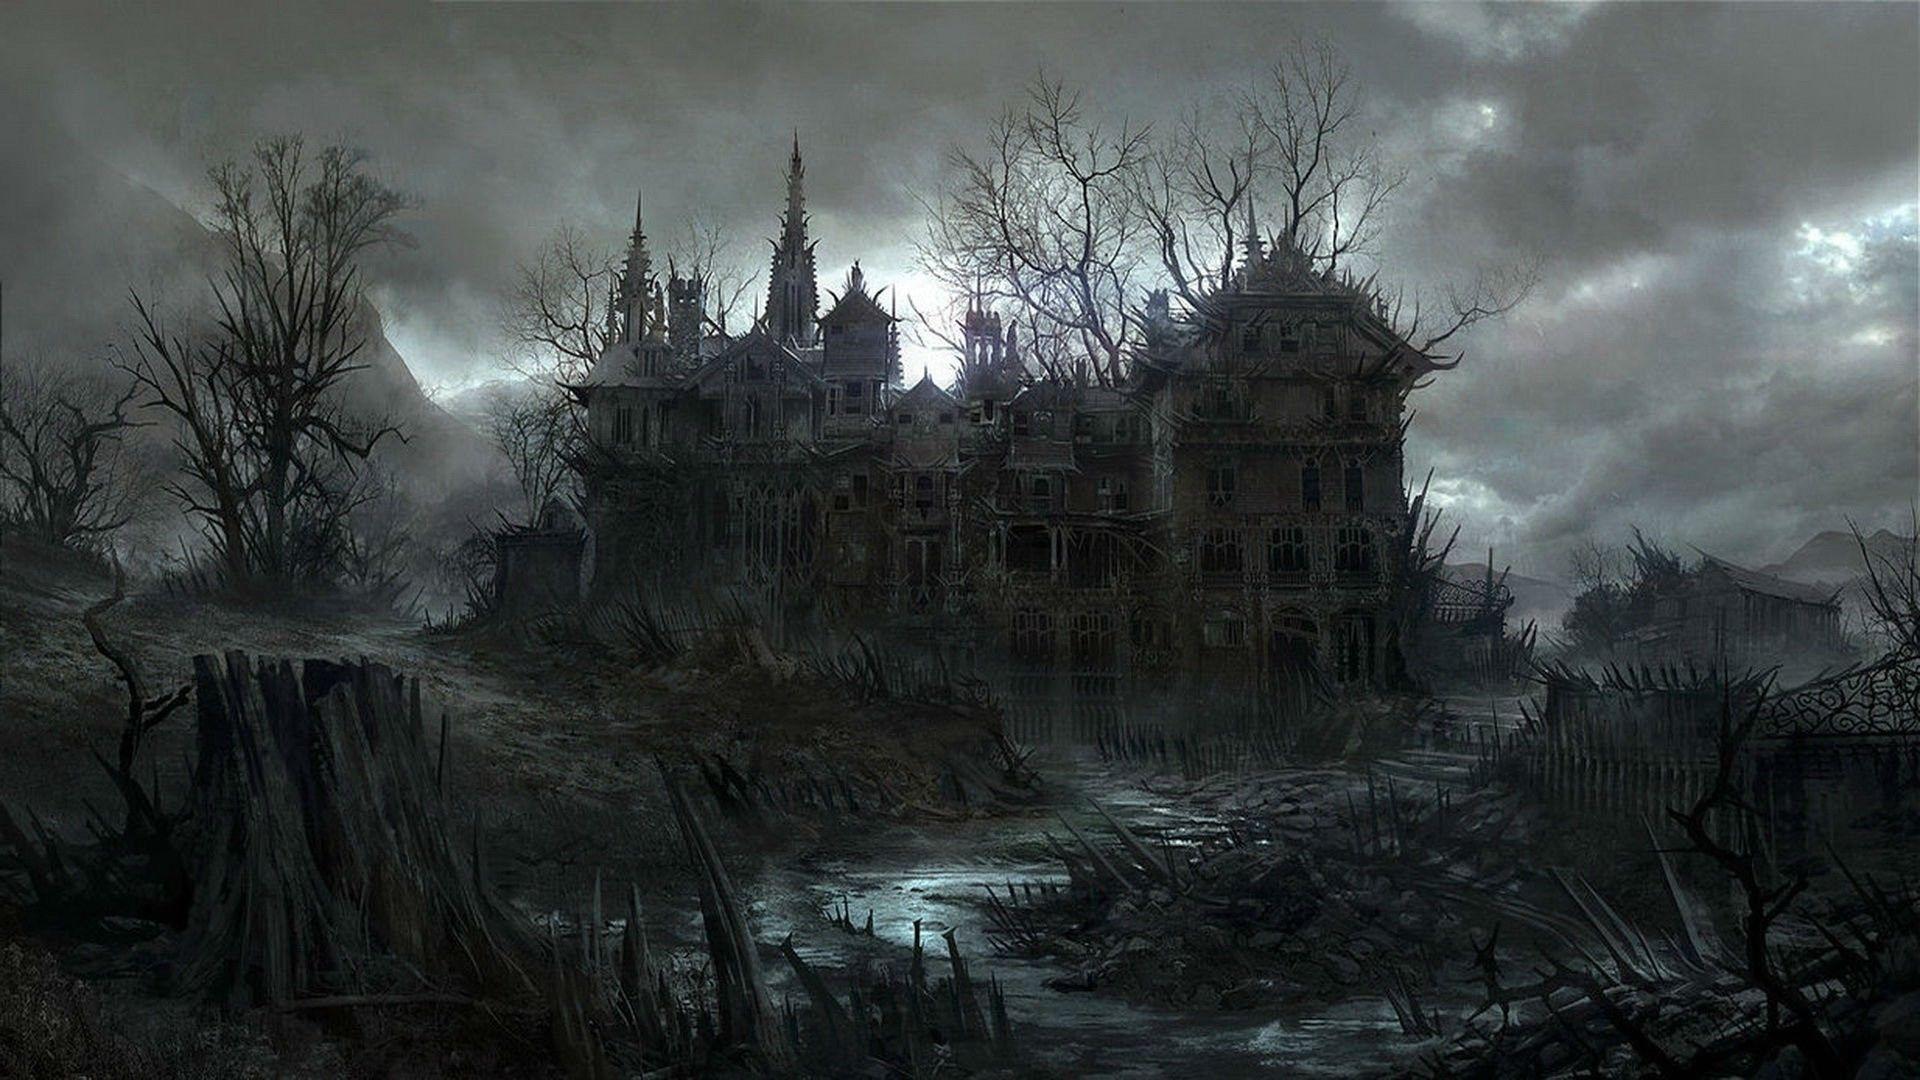 halloween spooky pictures